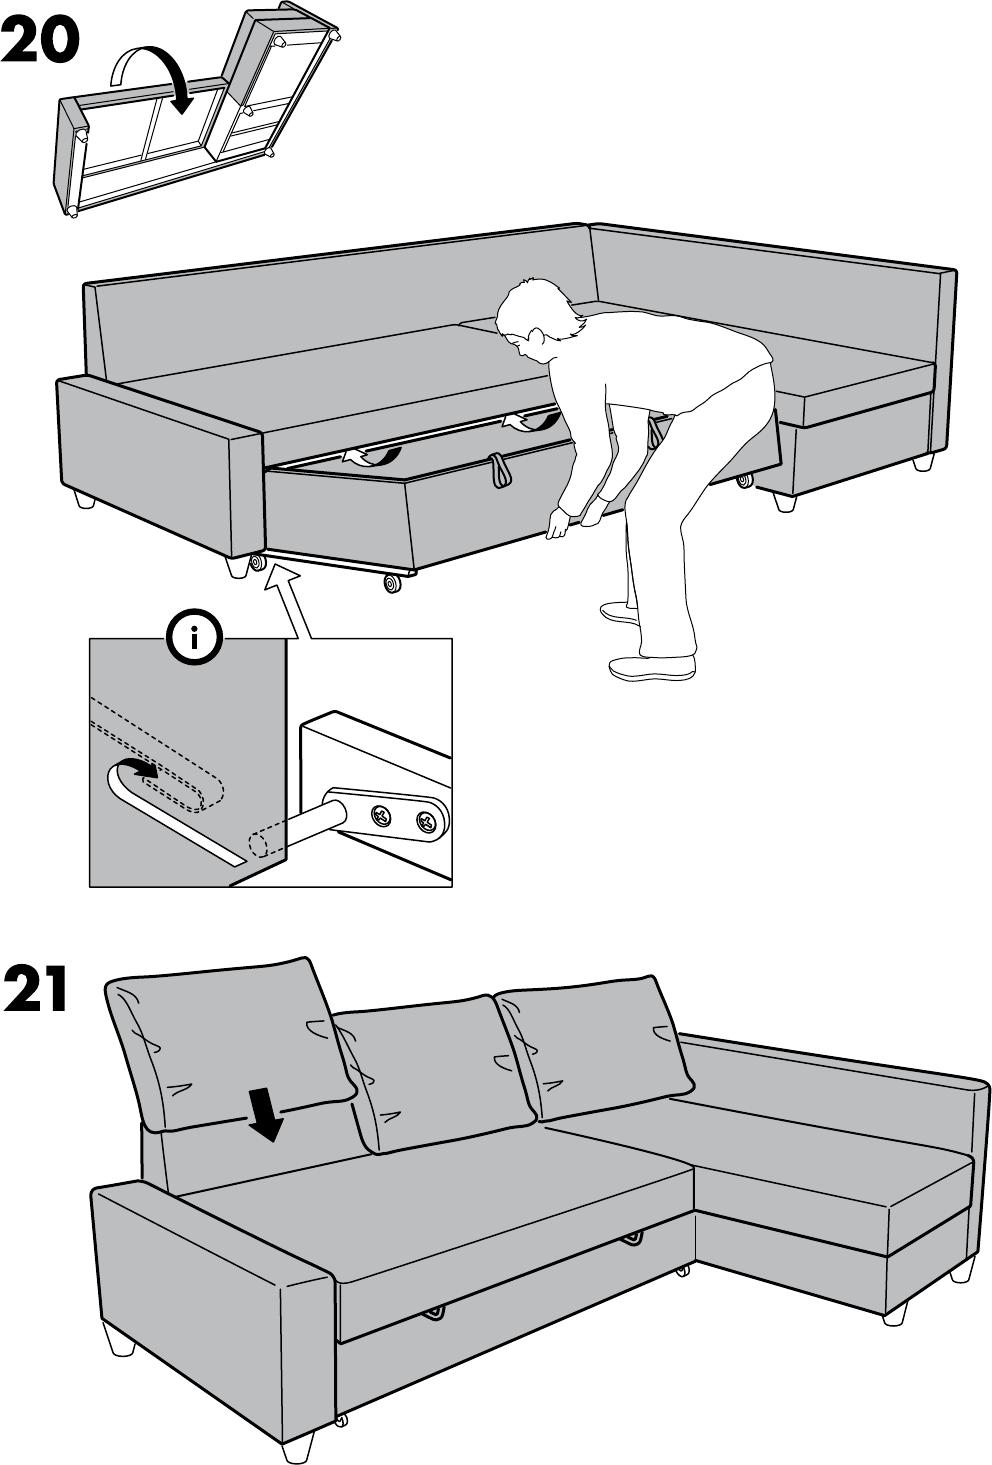 Bedienungsanleitung Ikea Friheten Seite 28 Von 28 Alle Sprachen